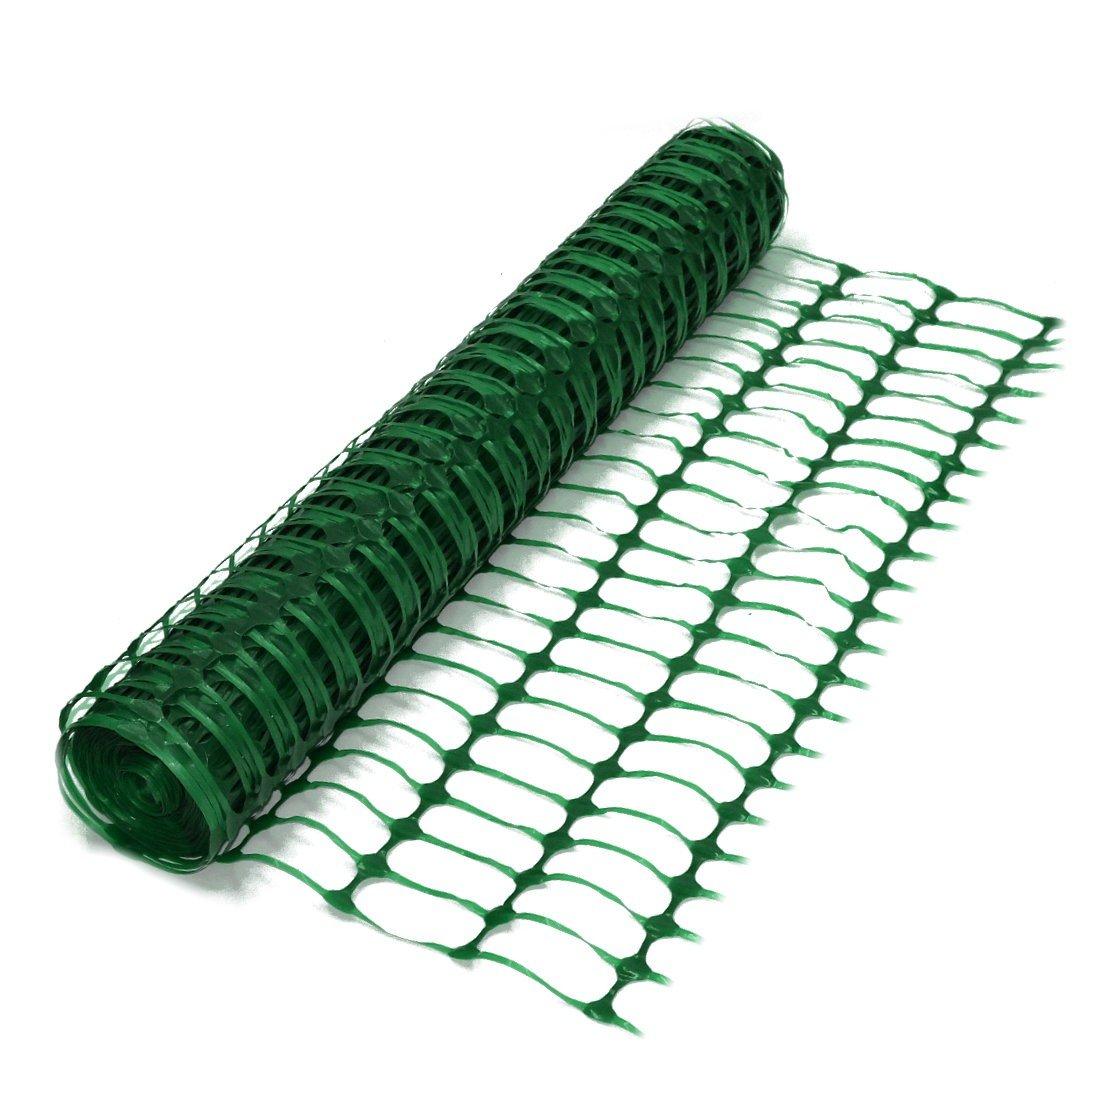 True Products B1002 a 7 kg 50 m lourd Rouleau de barriè re en maille filet de clô ture en plastique –  Vert B1002A